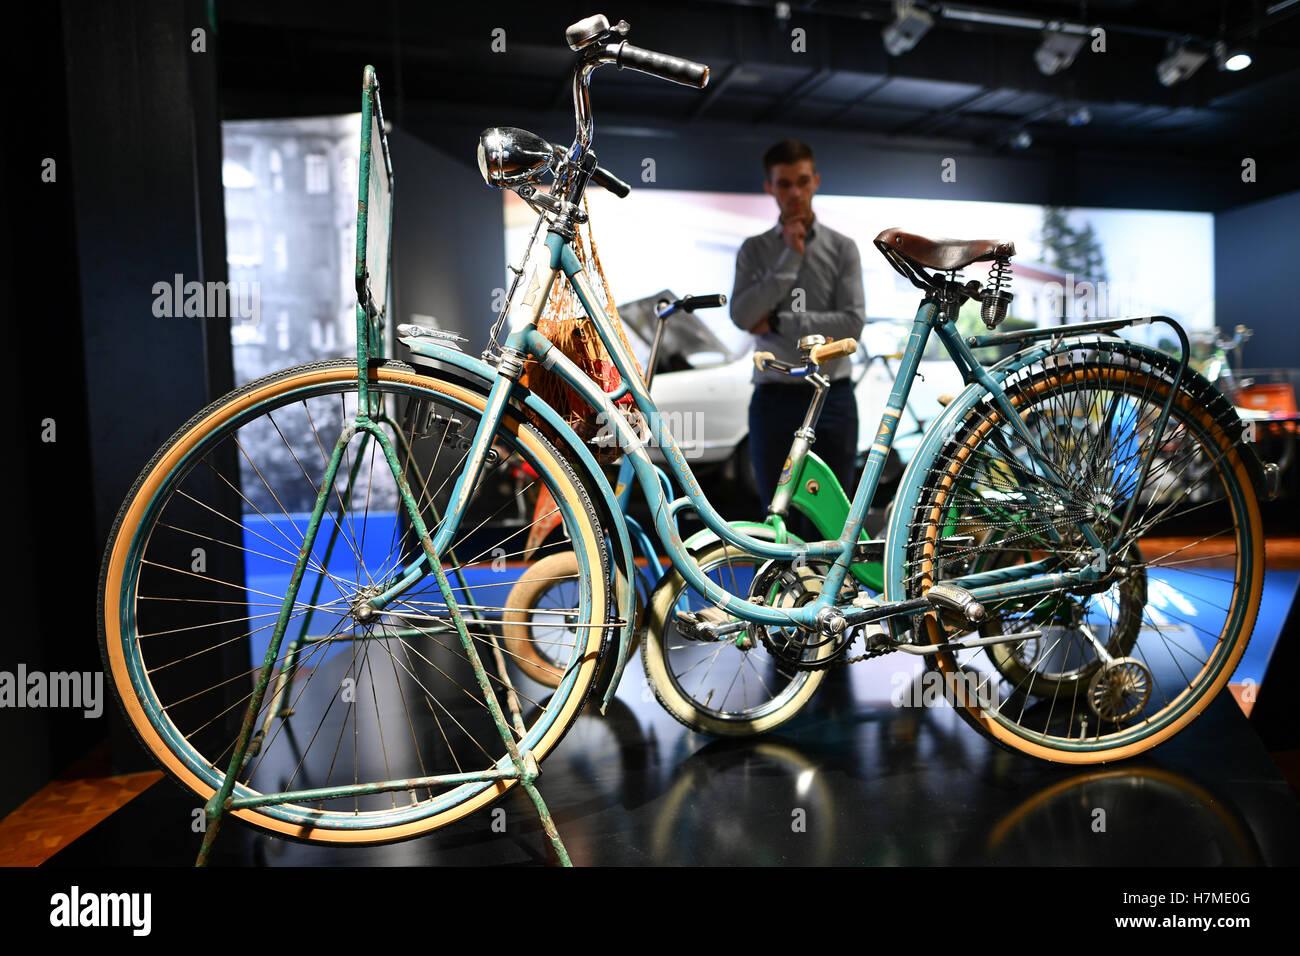 """Mannheim, Alemania. 07 Nov, 2016. Un hombre mira a una señoras moto desde 1950 en exhibición en el Technoseum en la exposición especial ' 2 ruedas - 200 años. Freiherr von Drais y la historia de la bicicleta"""" en Mannheim, Alemania, 07 de noviembre de 2016. En 1817, el Barón Karl von Drais emprendió el primer viaje con la pronta velocipede y la precursora de lo que hoy·s bicicleta. Foto: Uwe ANSPACH/dpa/Alamy Live News Foto de stock"""